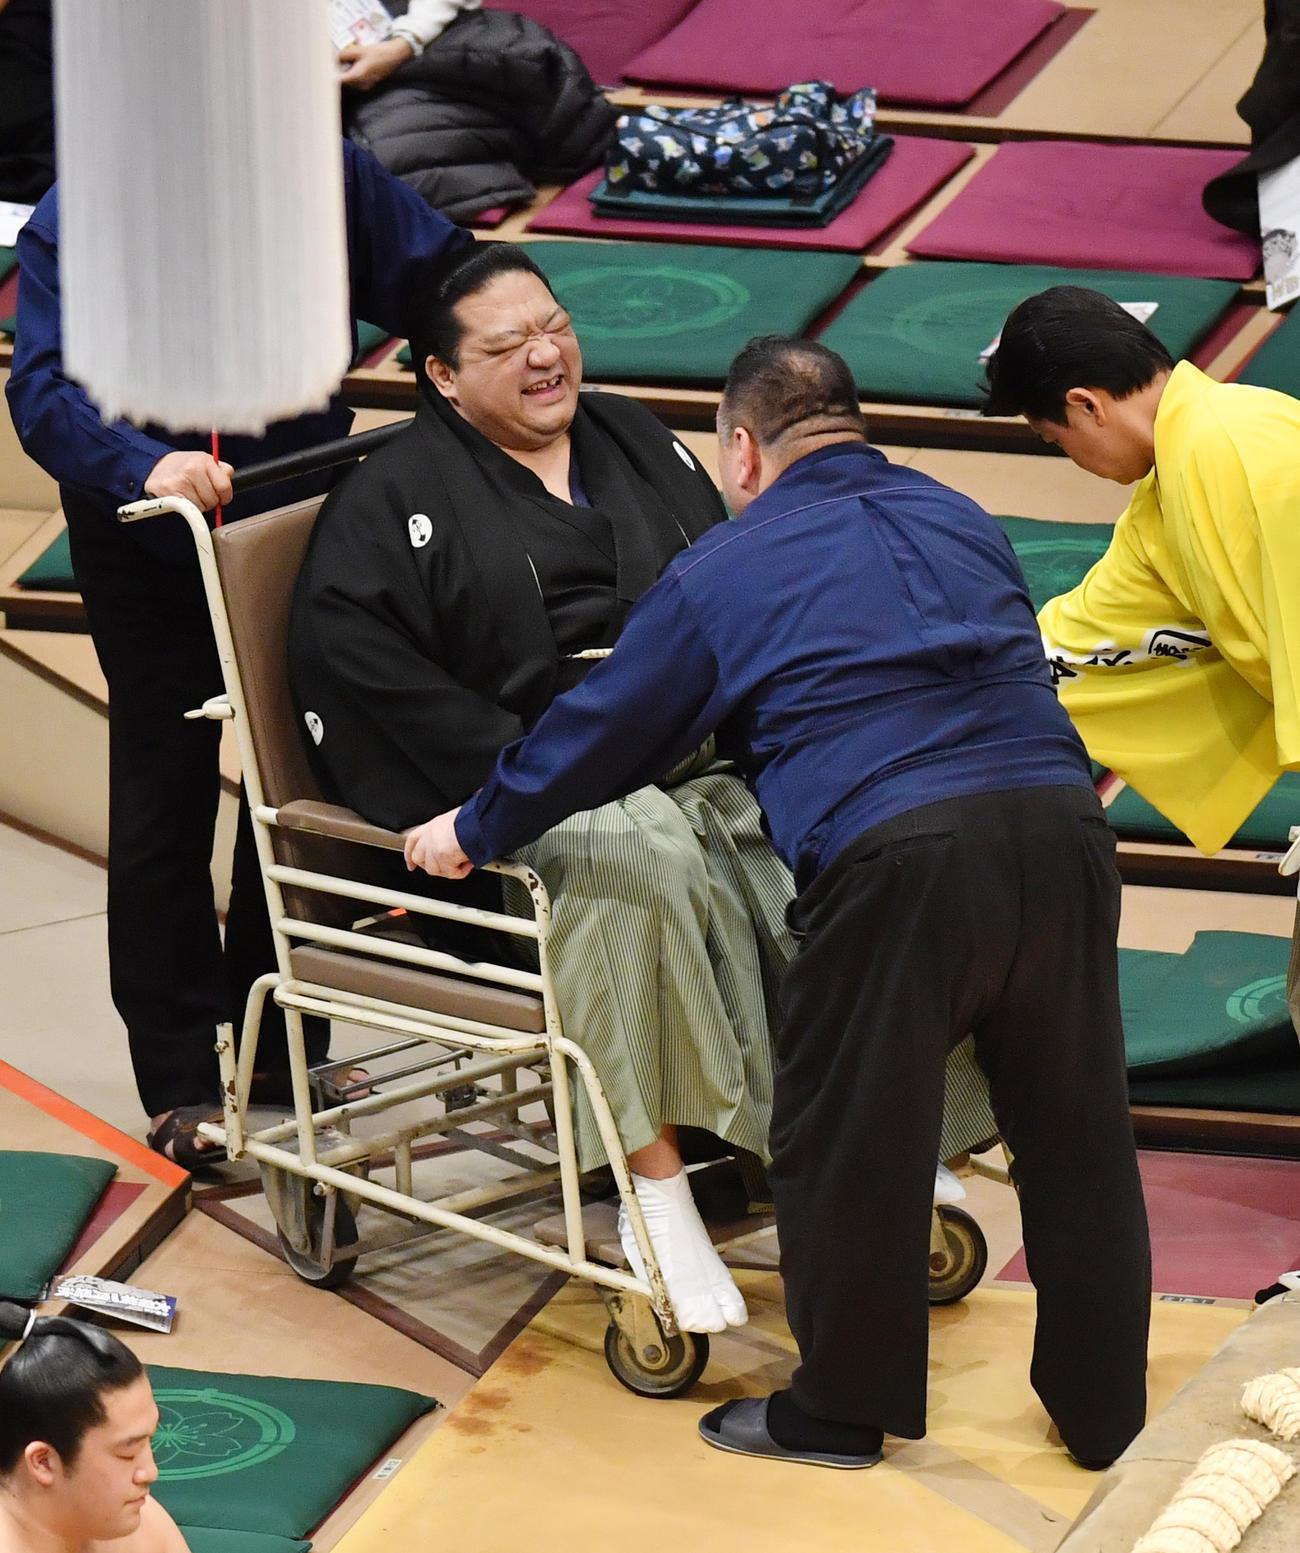 隠岐の富士と天風の取組の時、浅香山親方が力士と激突し負傷し車いすで運ばれる(撮影・柴田隆二)